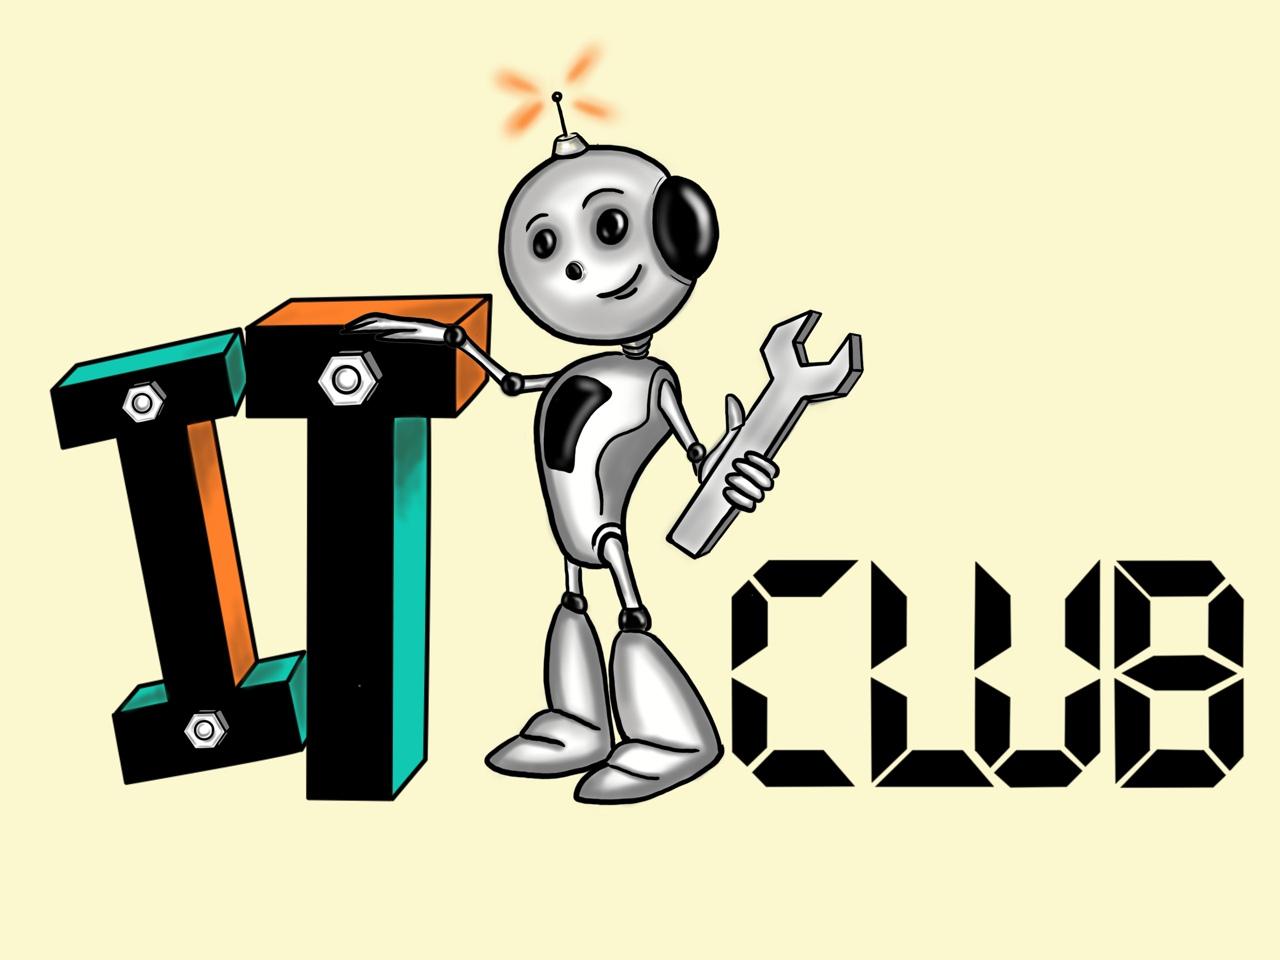 Школа робототехники для детей